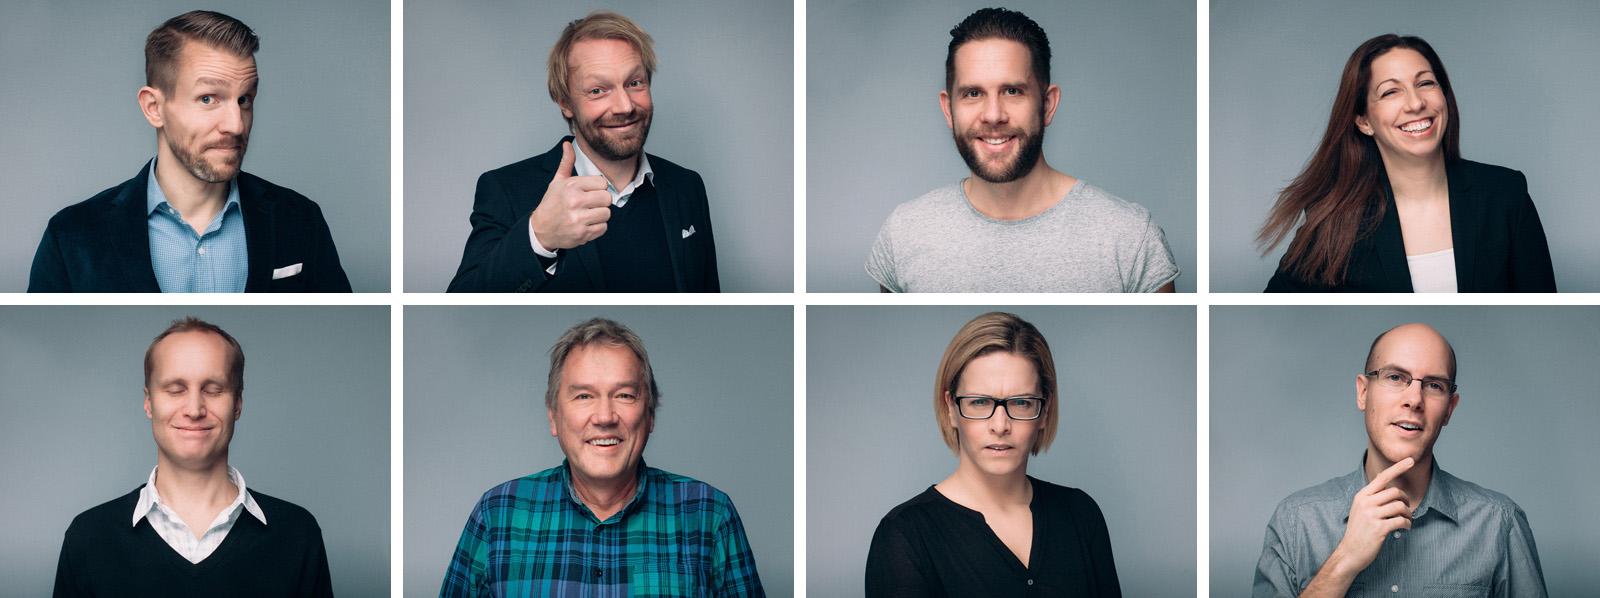 Alstra AB Stockholm Personalporträtt Fotograf Henrik Mill Västerås